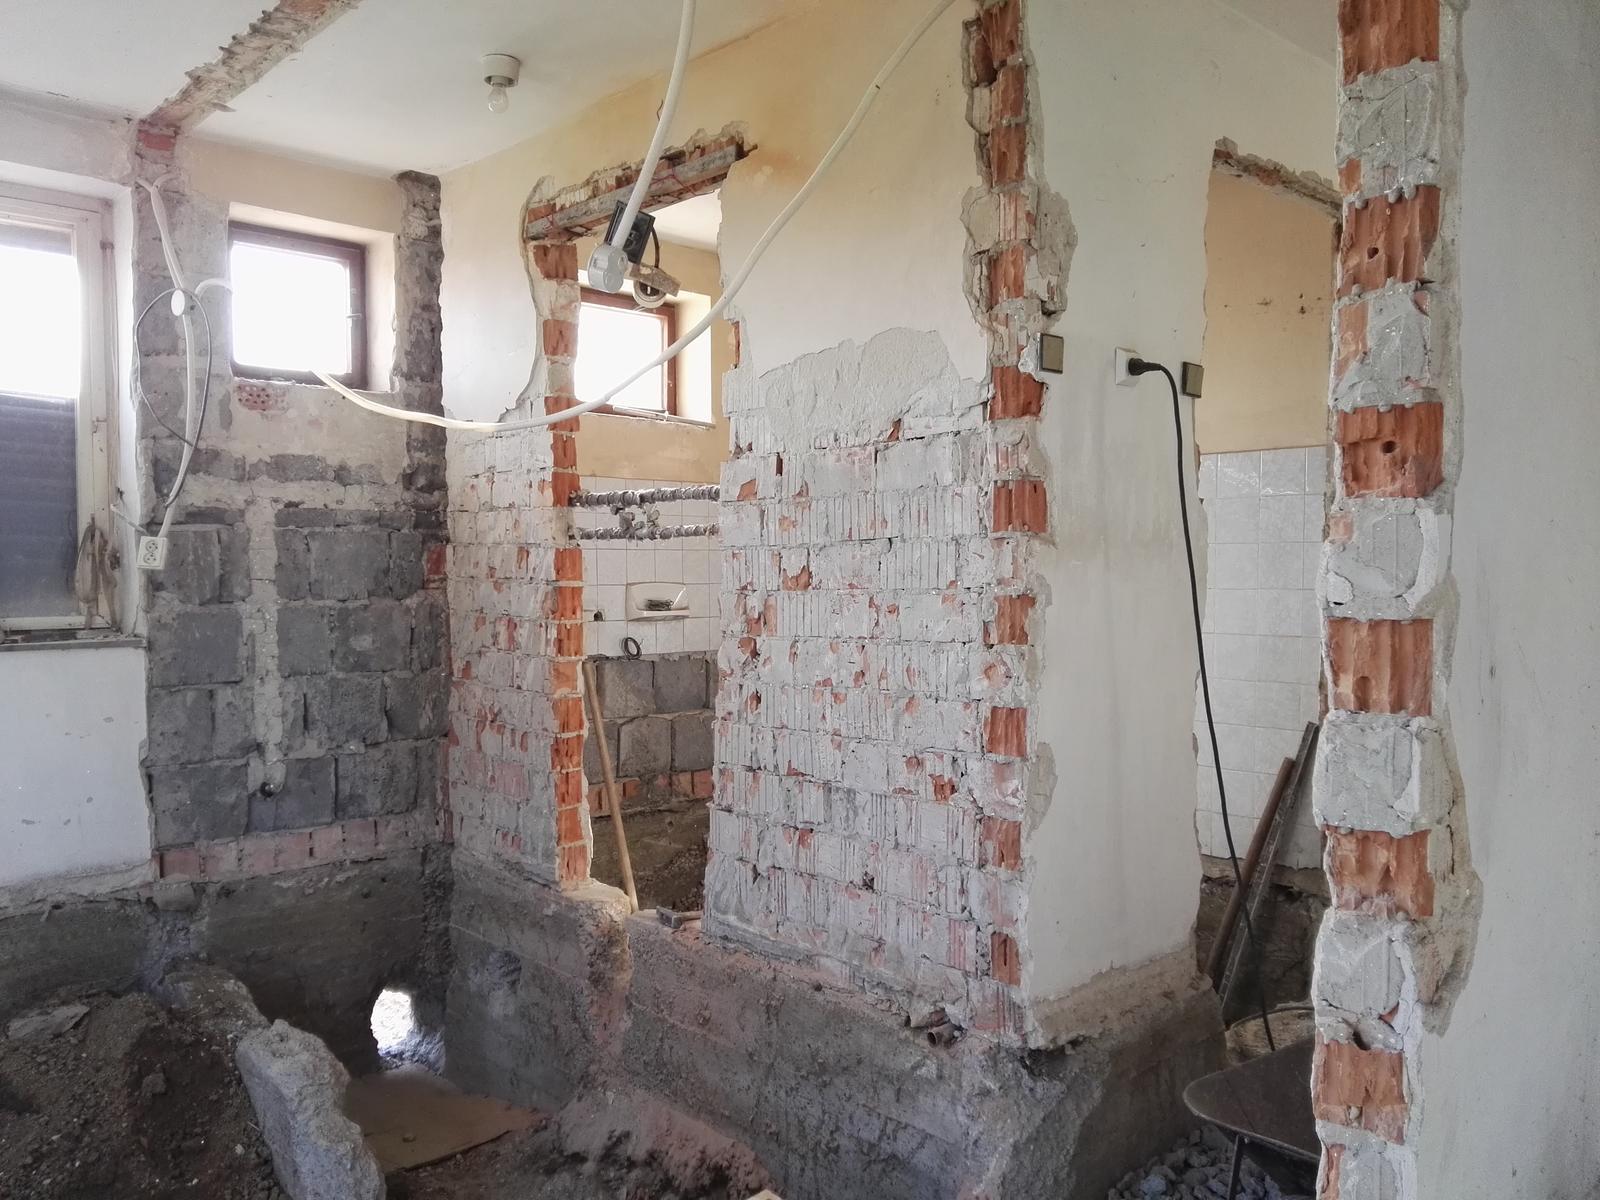 Rekonstrukcia RD - Po čase vysvitlo, že tieto steny som mal zbúrať rovno všetky :) život by bol jednoduchší